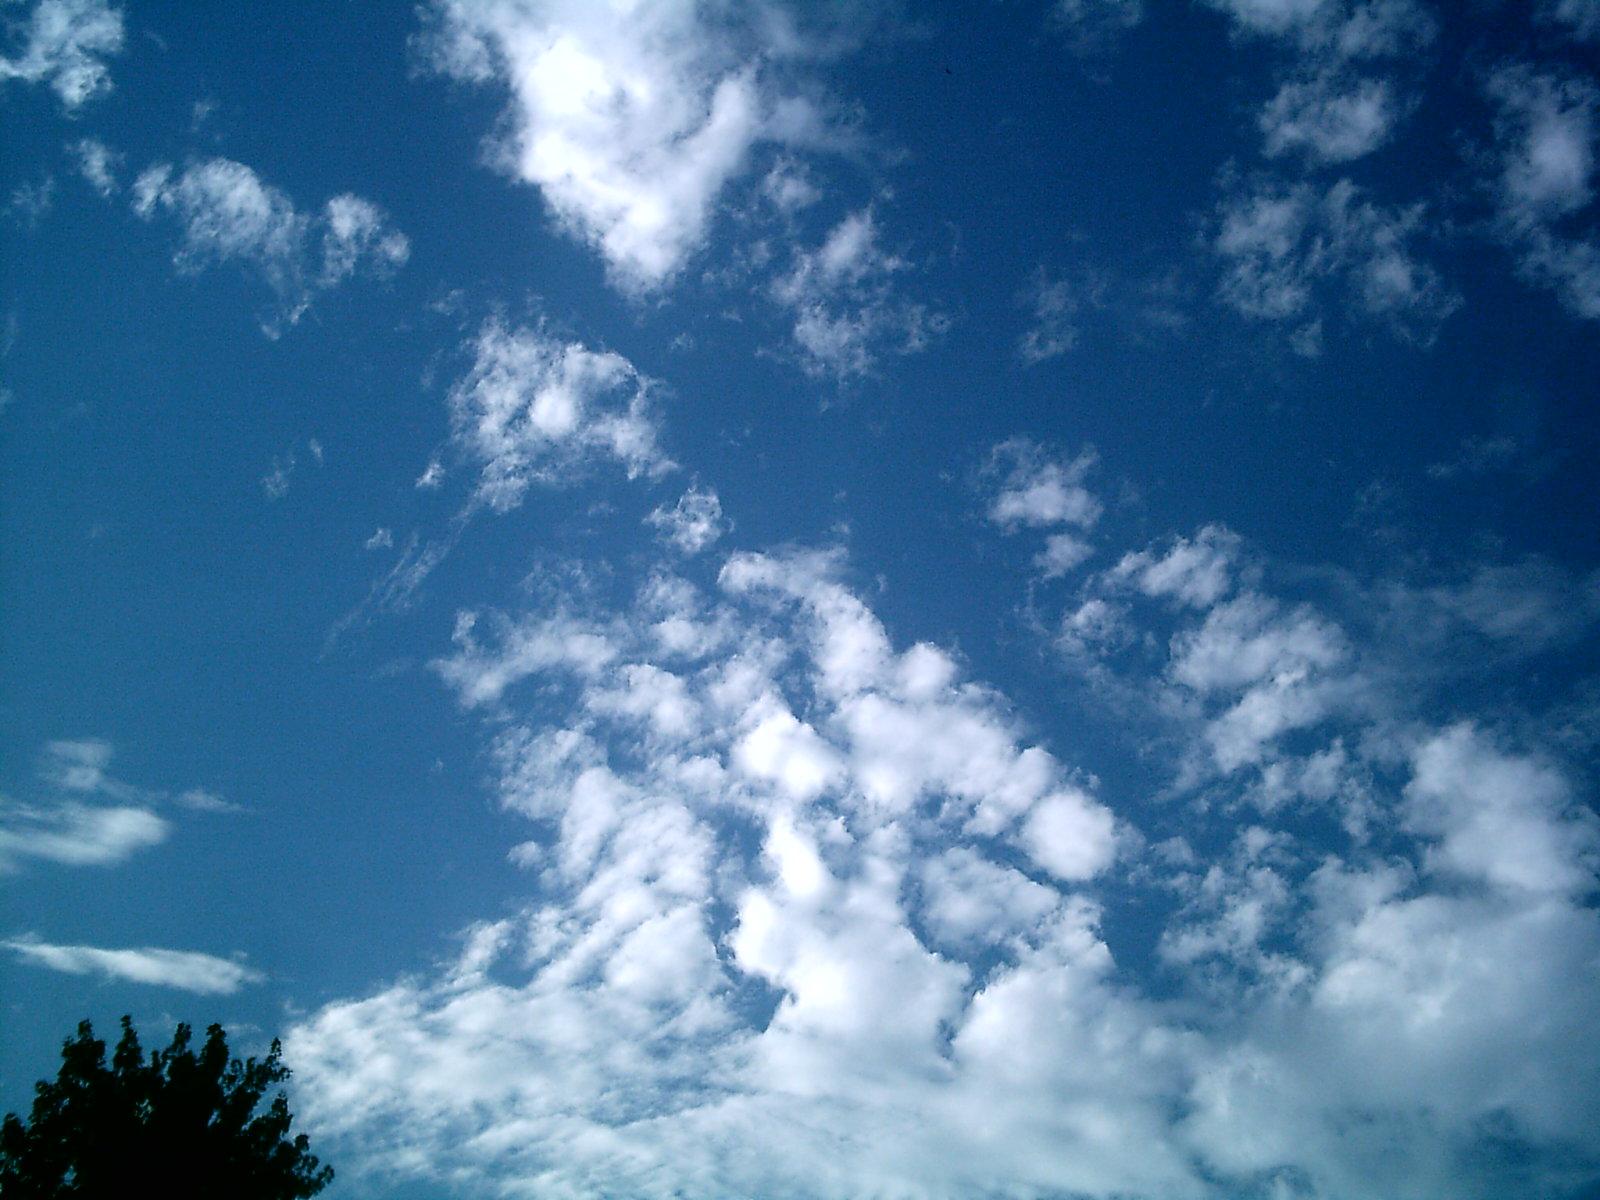 背景 壁纸 风景 天空 桌面 1600_1200